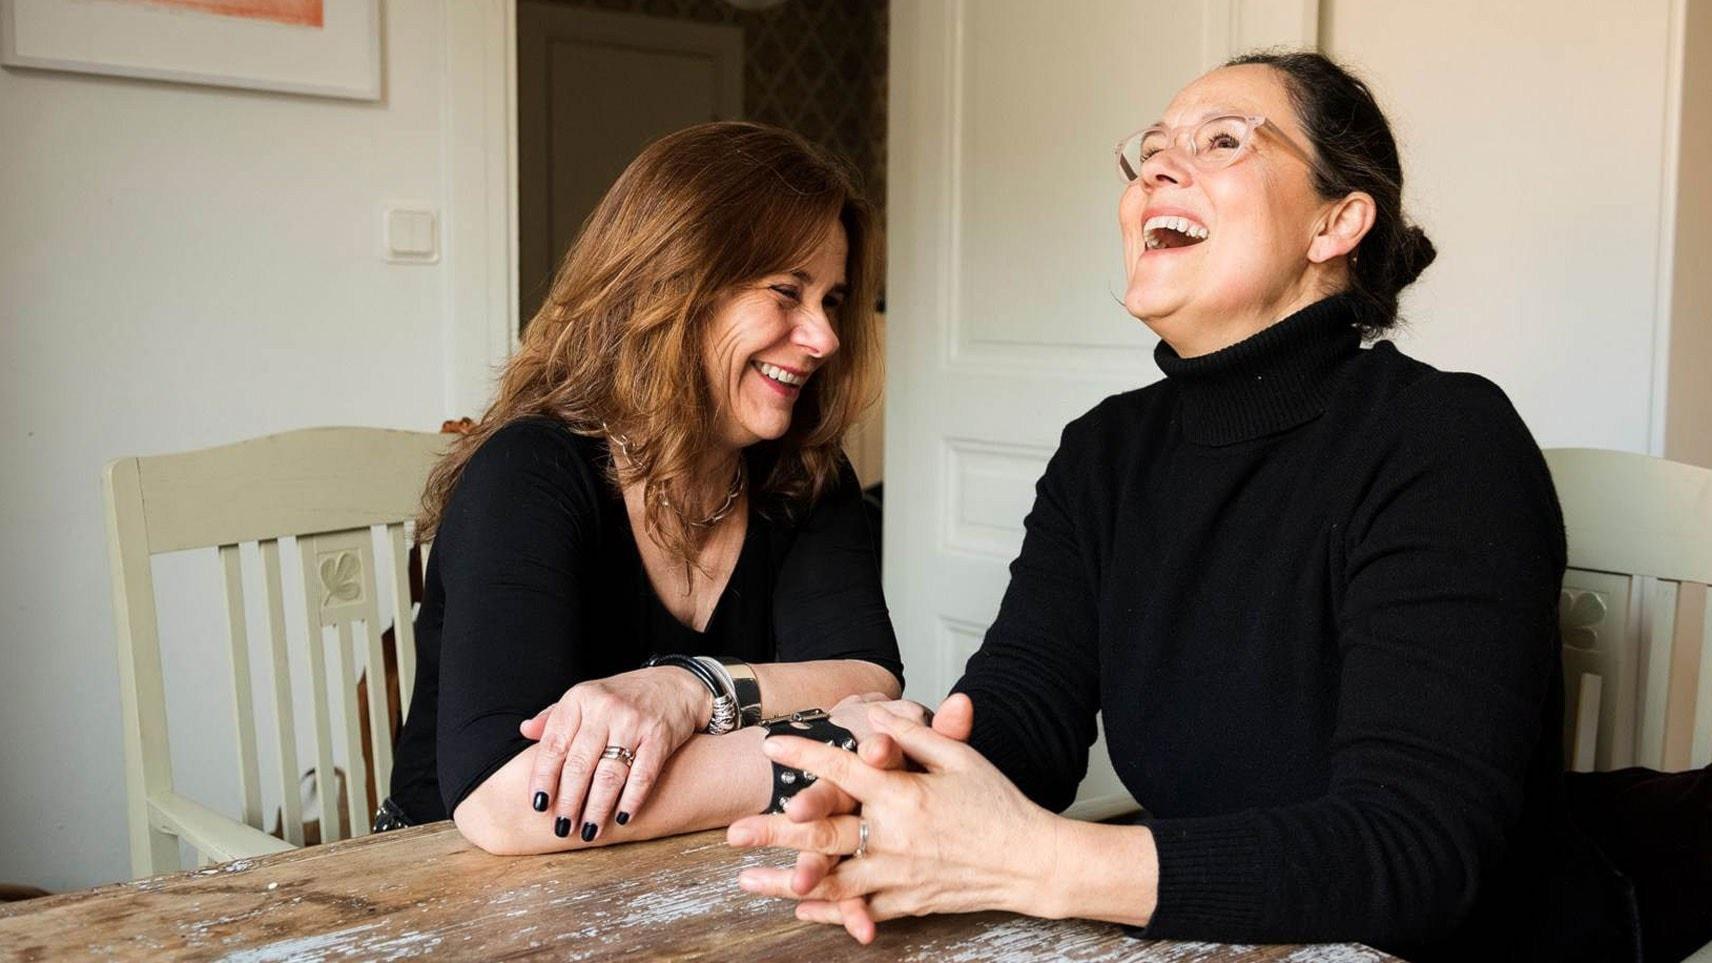 Katarina Hahr möter skådespelaren Pernilla August i ett samtal om kärlek